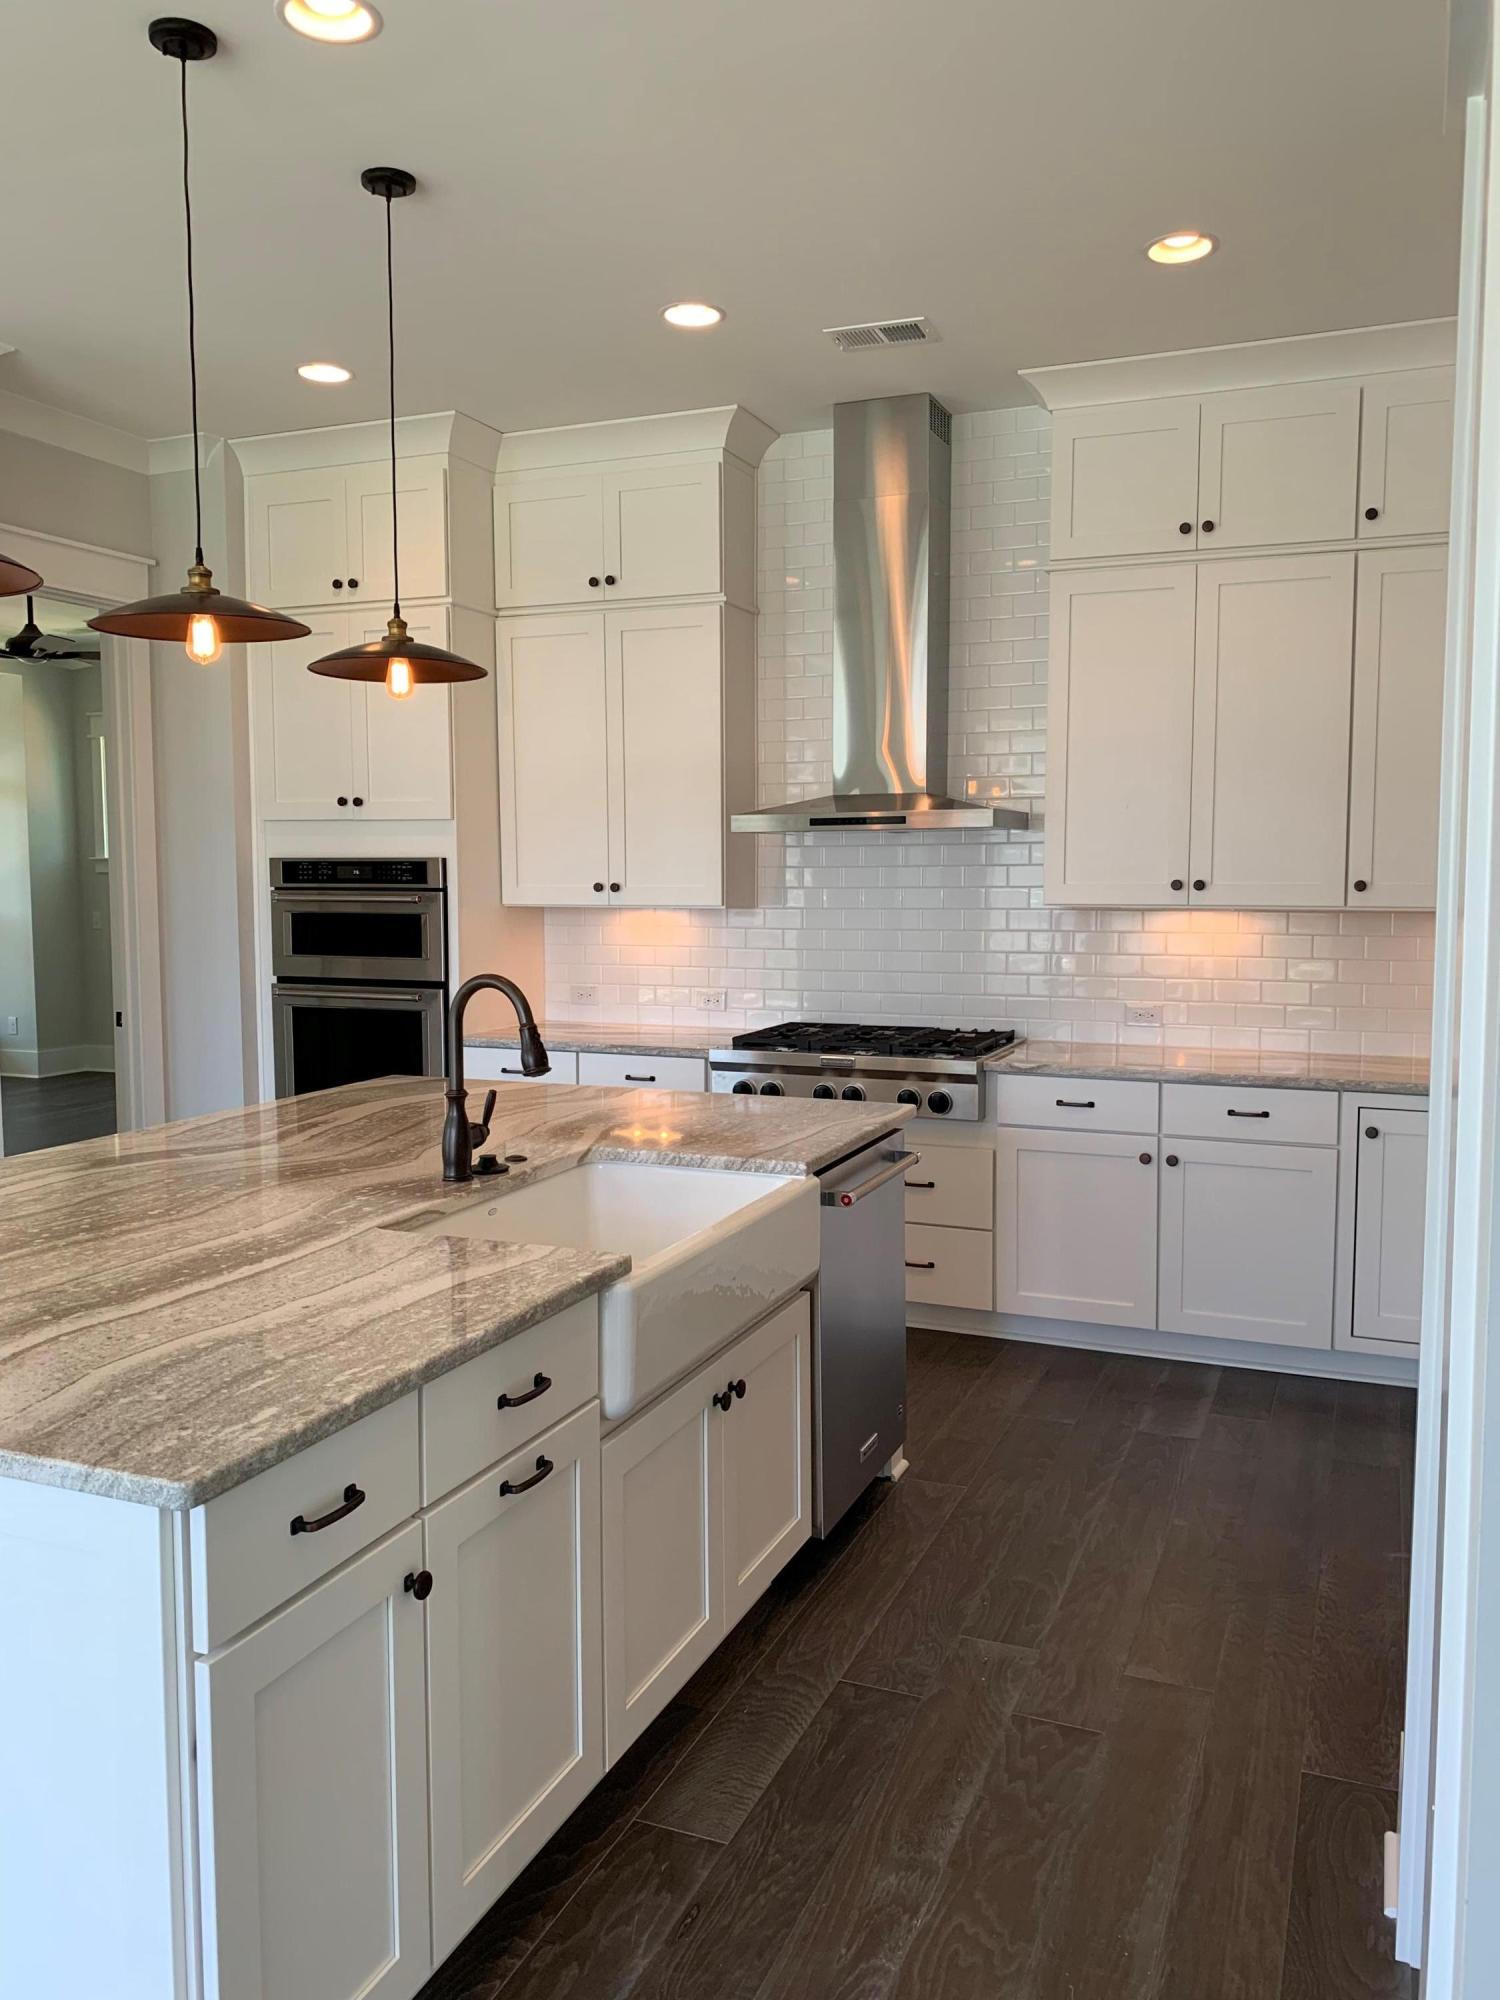 Dunes West Homes For Sale - 2996 Yachtsman, Mount Pleasant, SC - 7